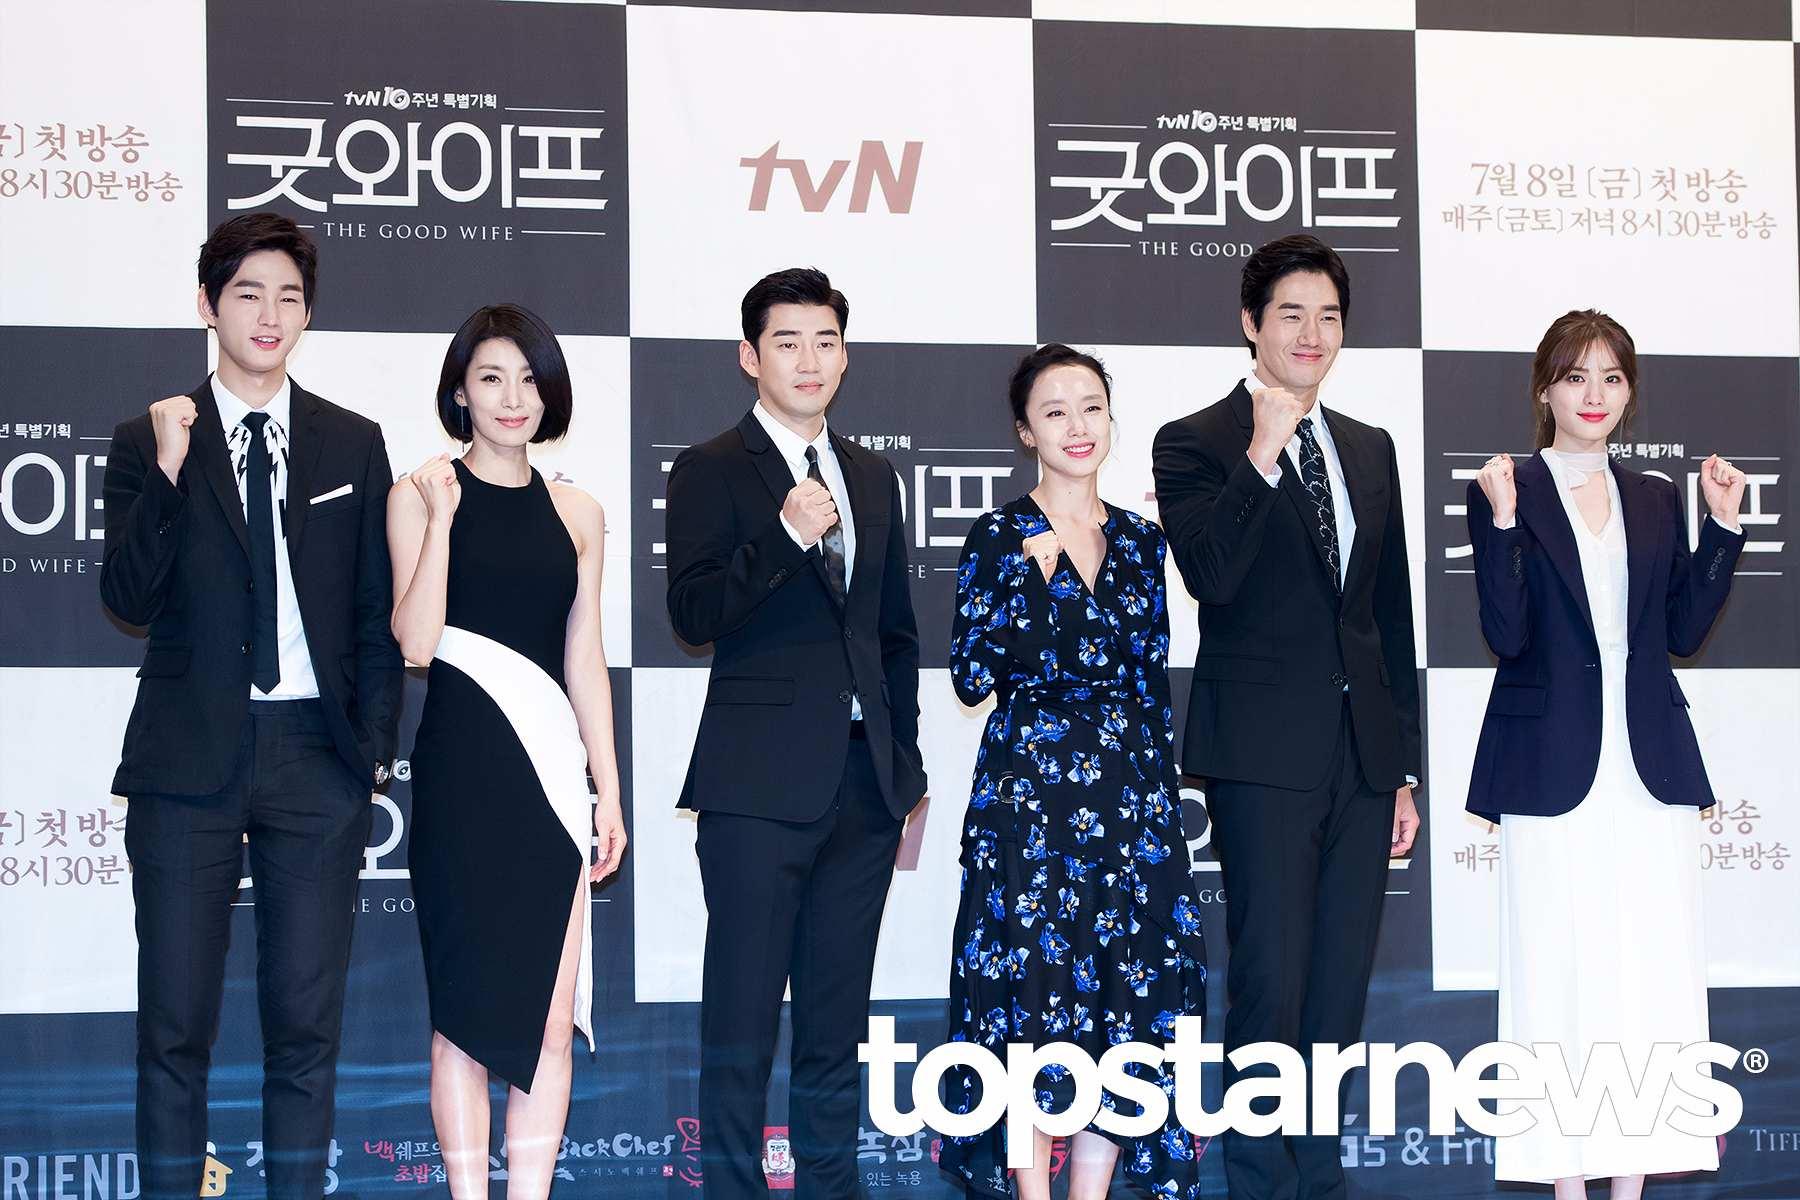 世界最美Nana和實力派演員劉智泰、全道嬿合作,在韓國收視也不錯的《Good Wife》